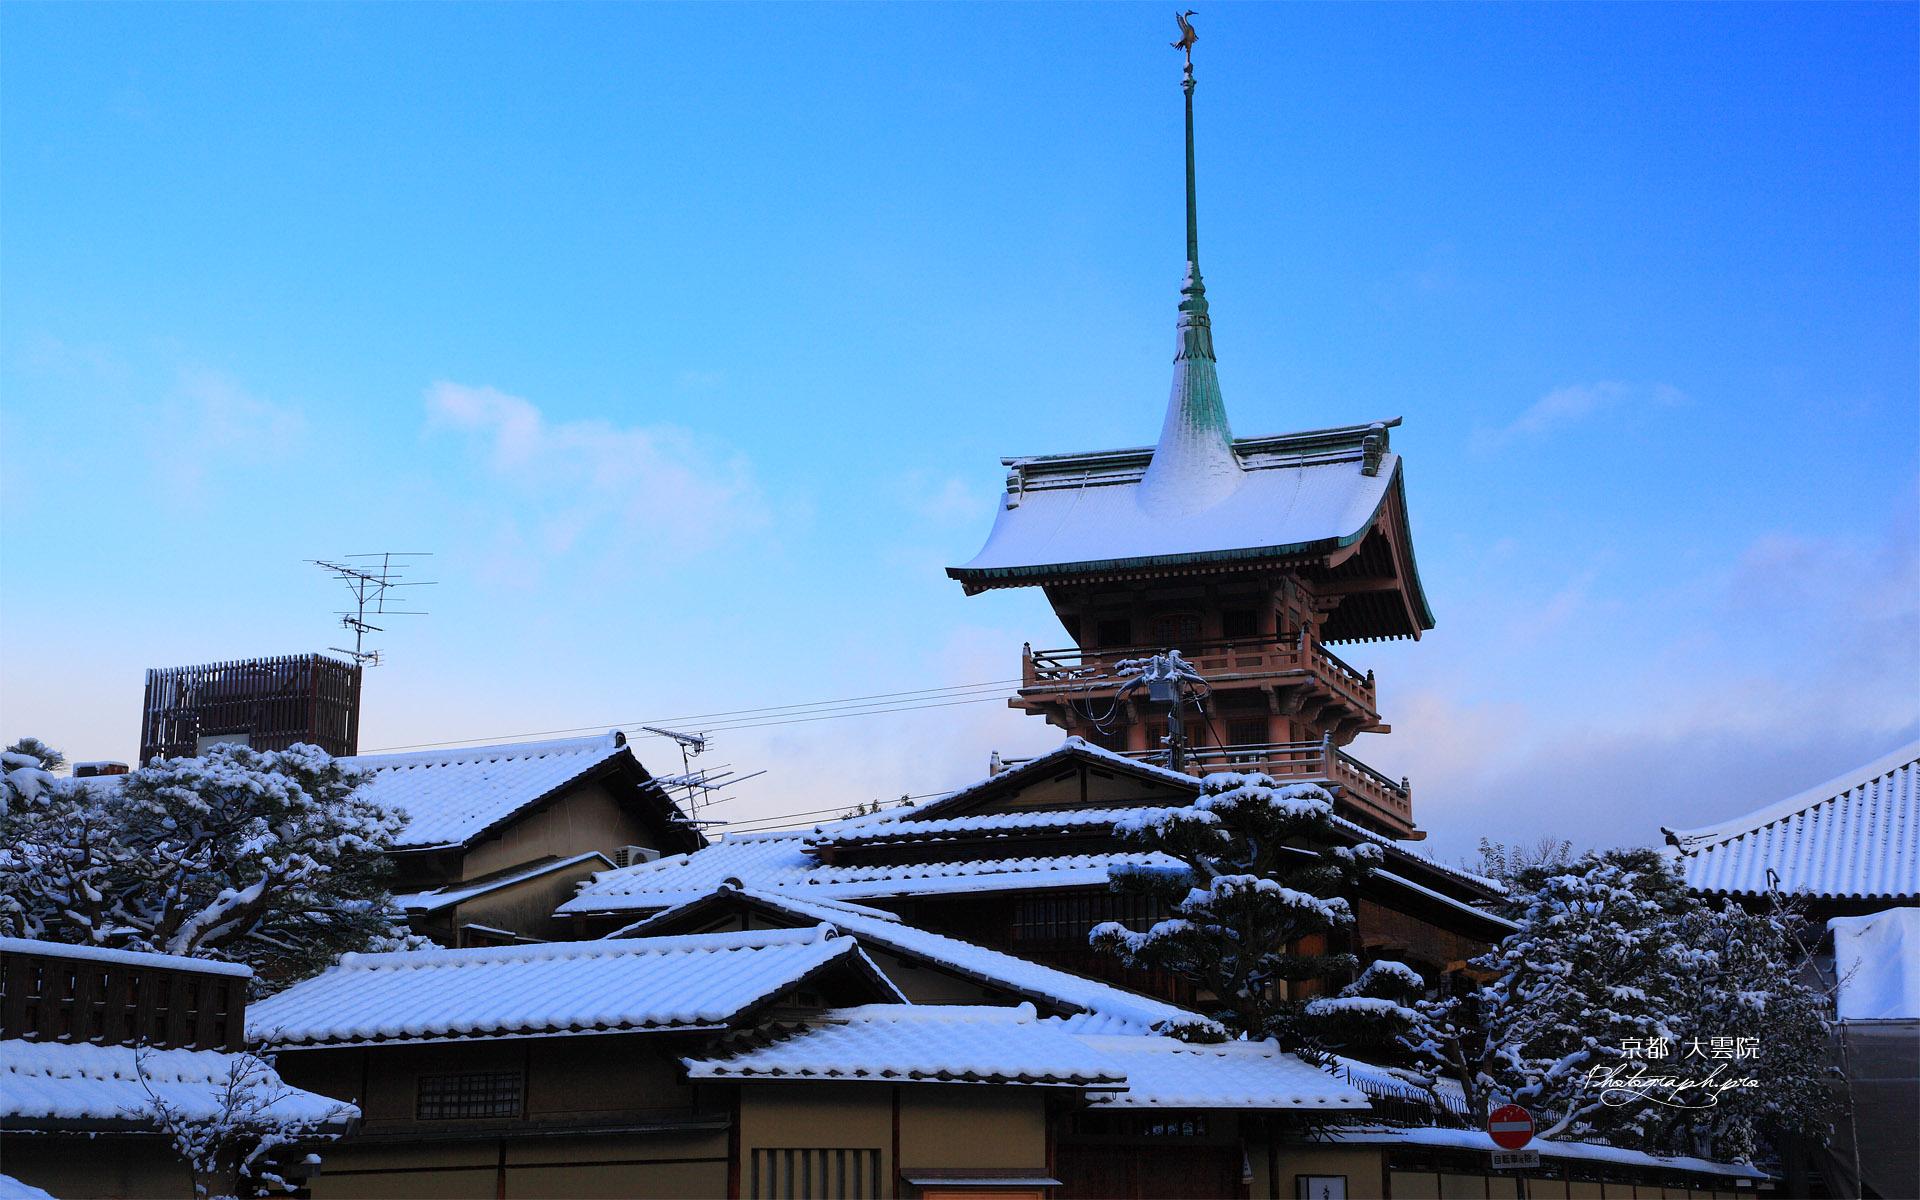 ねねの道 雪化粧の高台寺茶寮と祇園閣